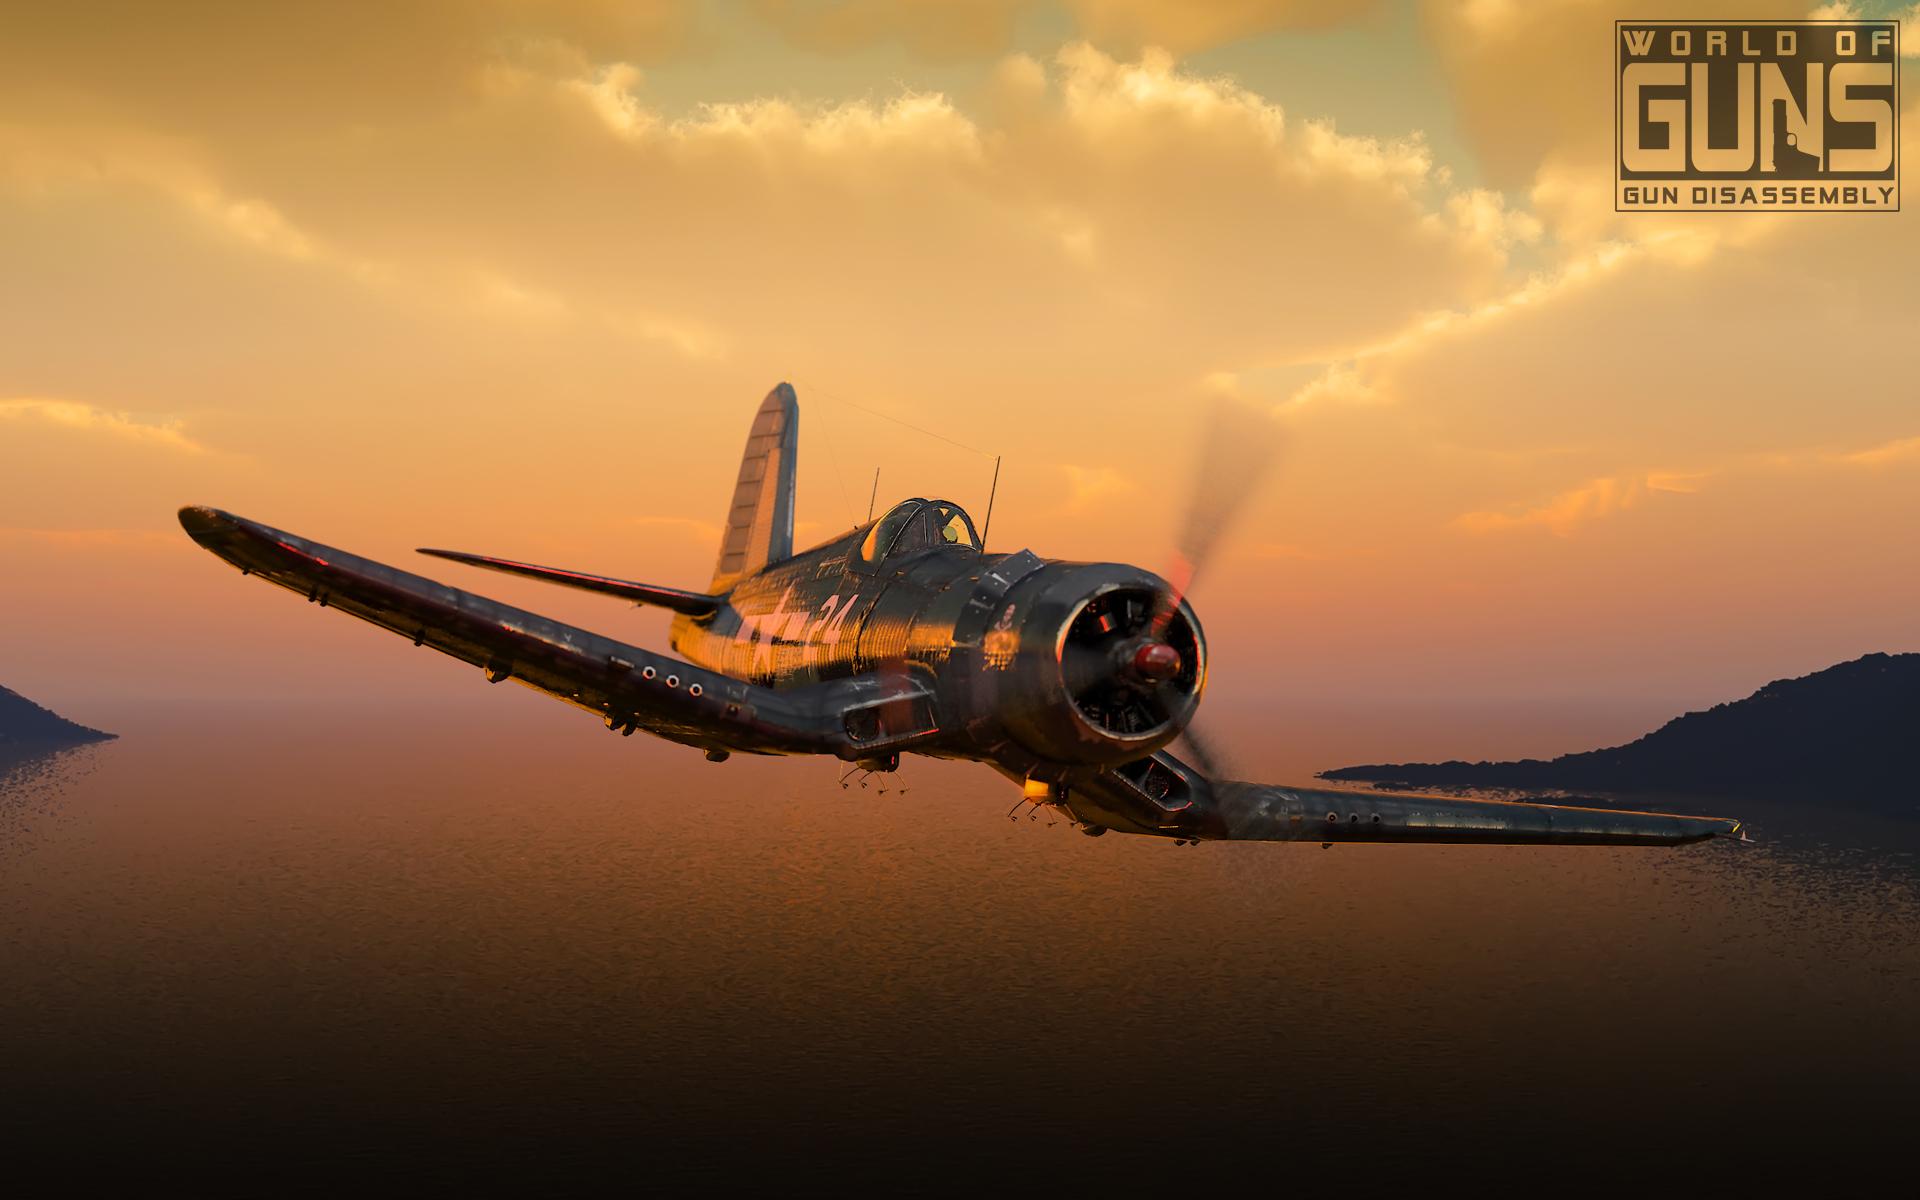 Обои Вторая мировая, F4u corsair, chance vought. Авиация foto 10